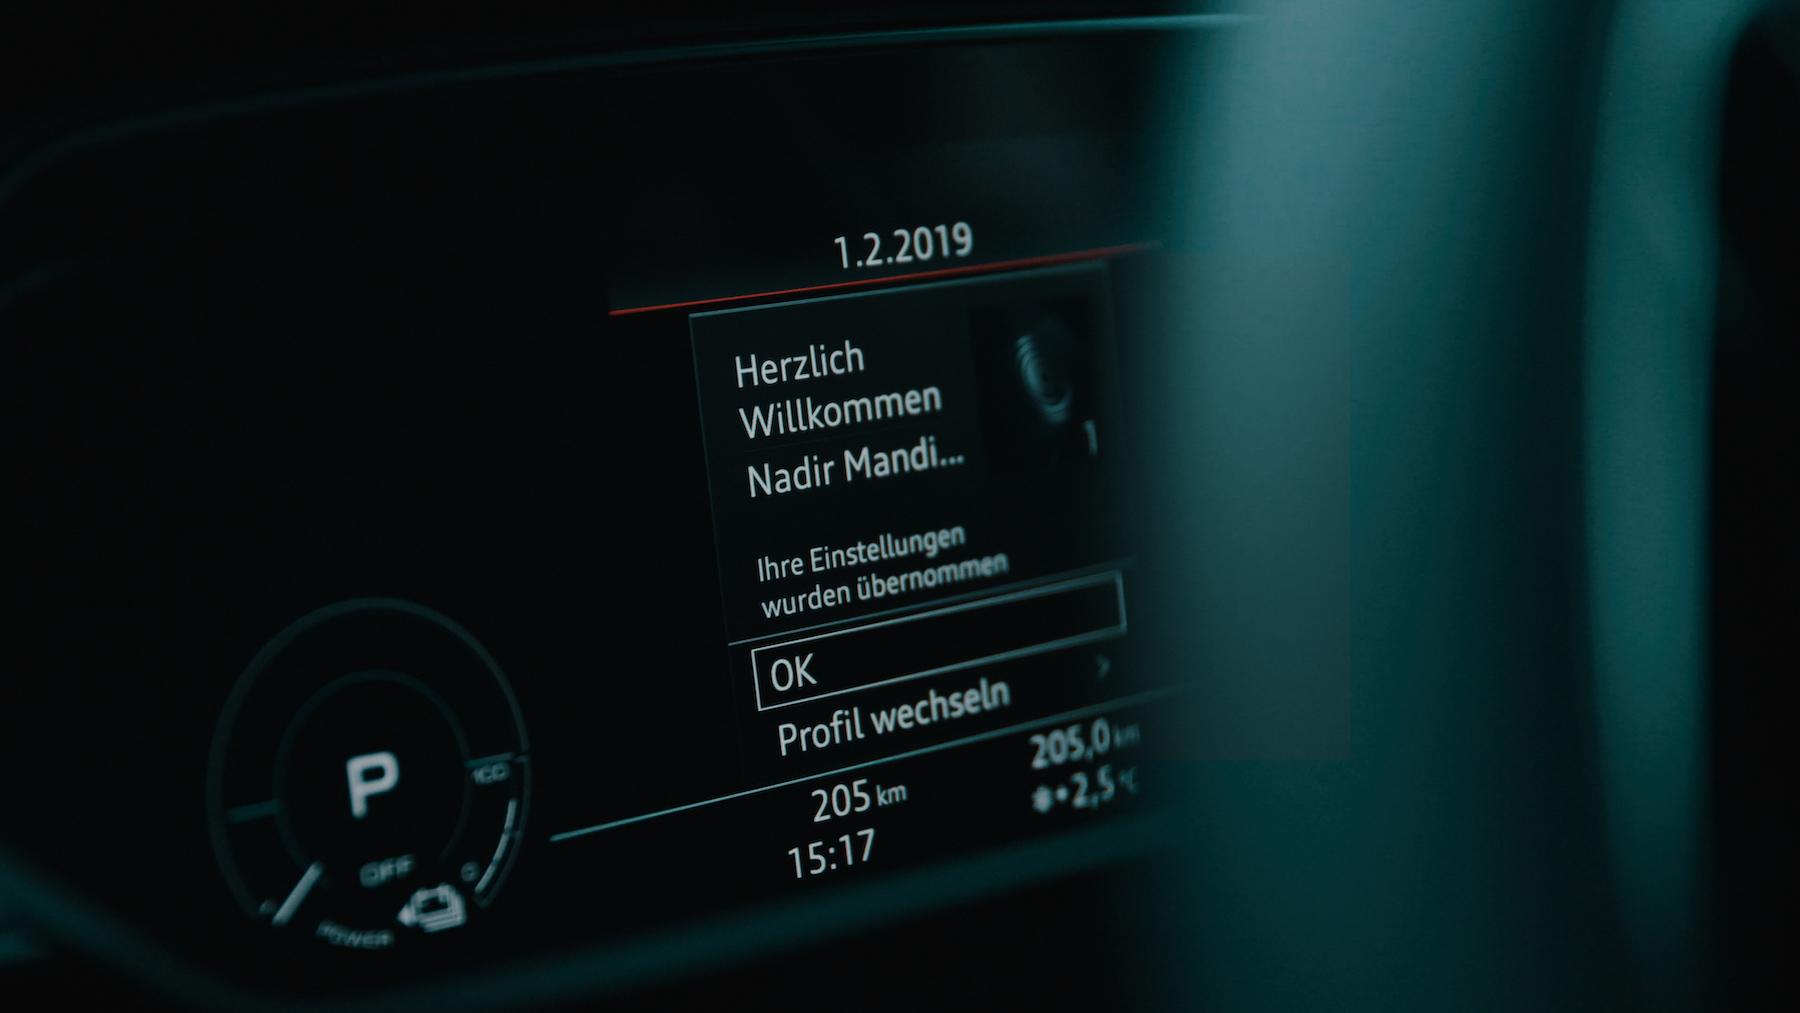 L'e-tron est capable de reconnaître le conducteur – et d'enregistrer jusqu'à 400 paramètres dans son profil.